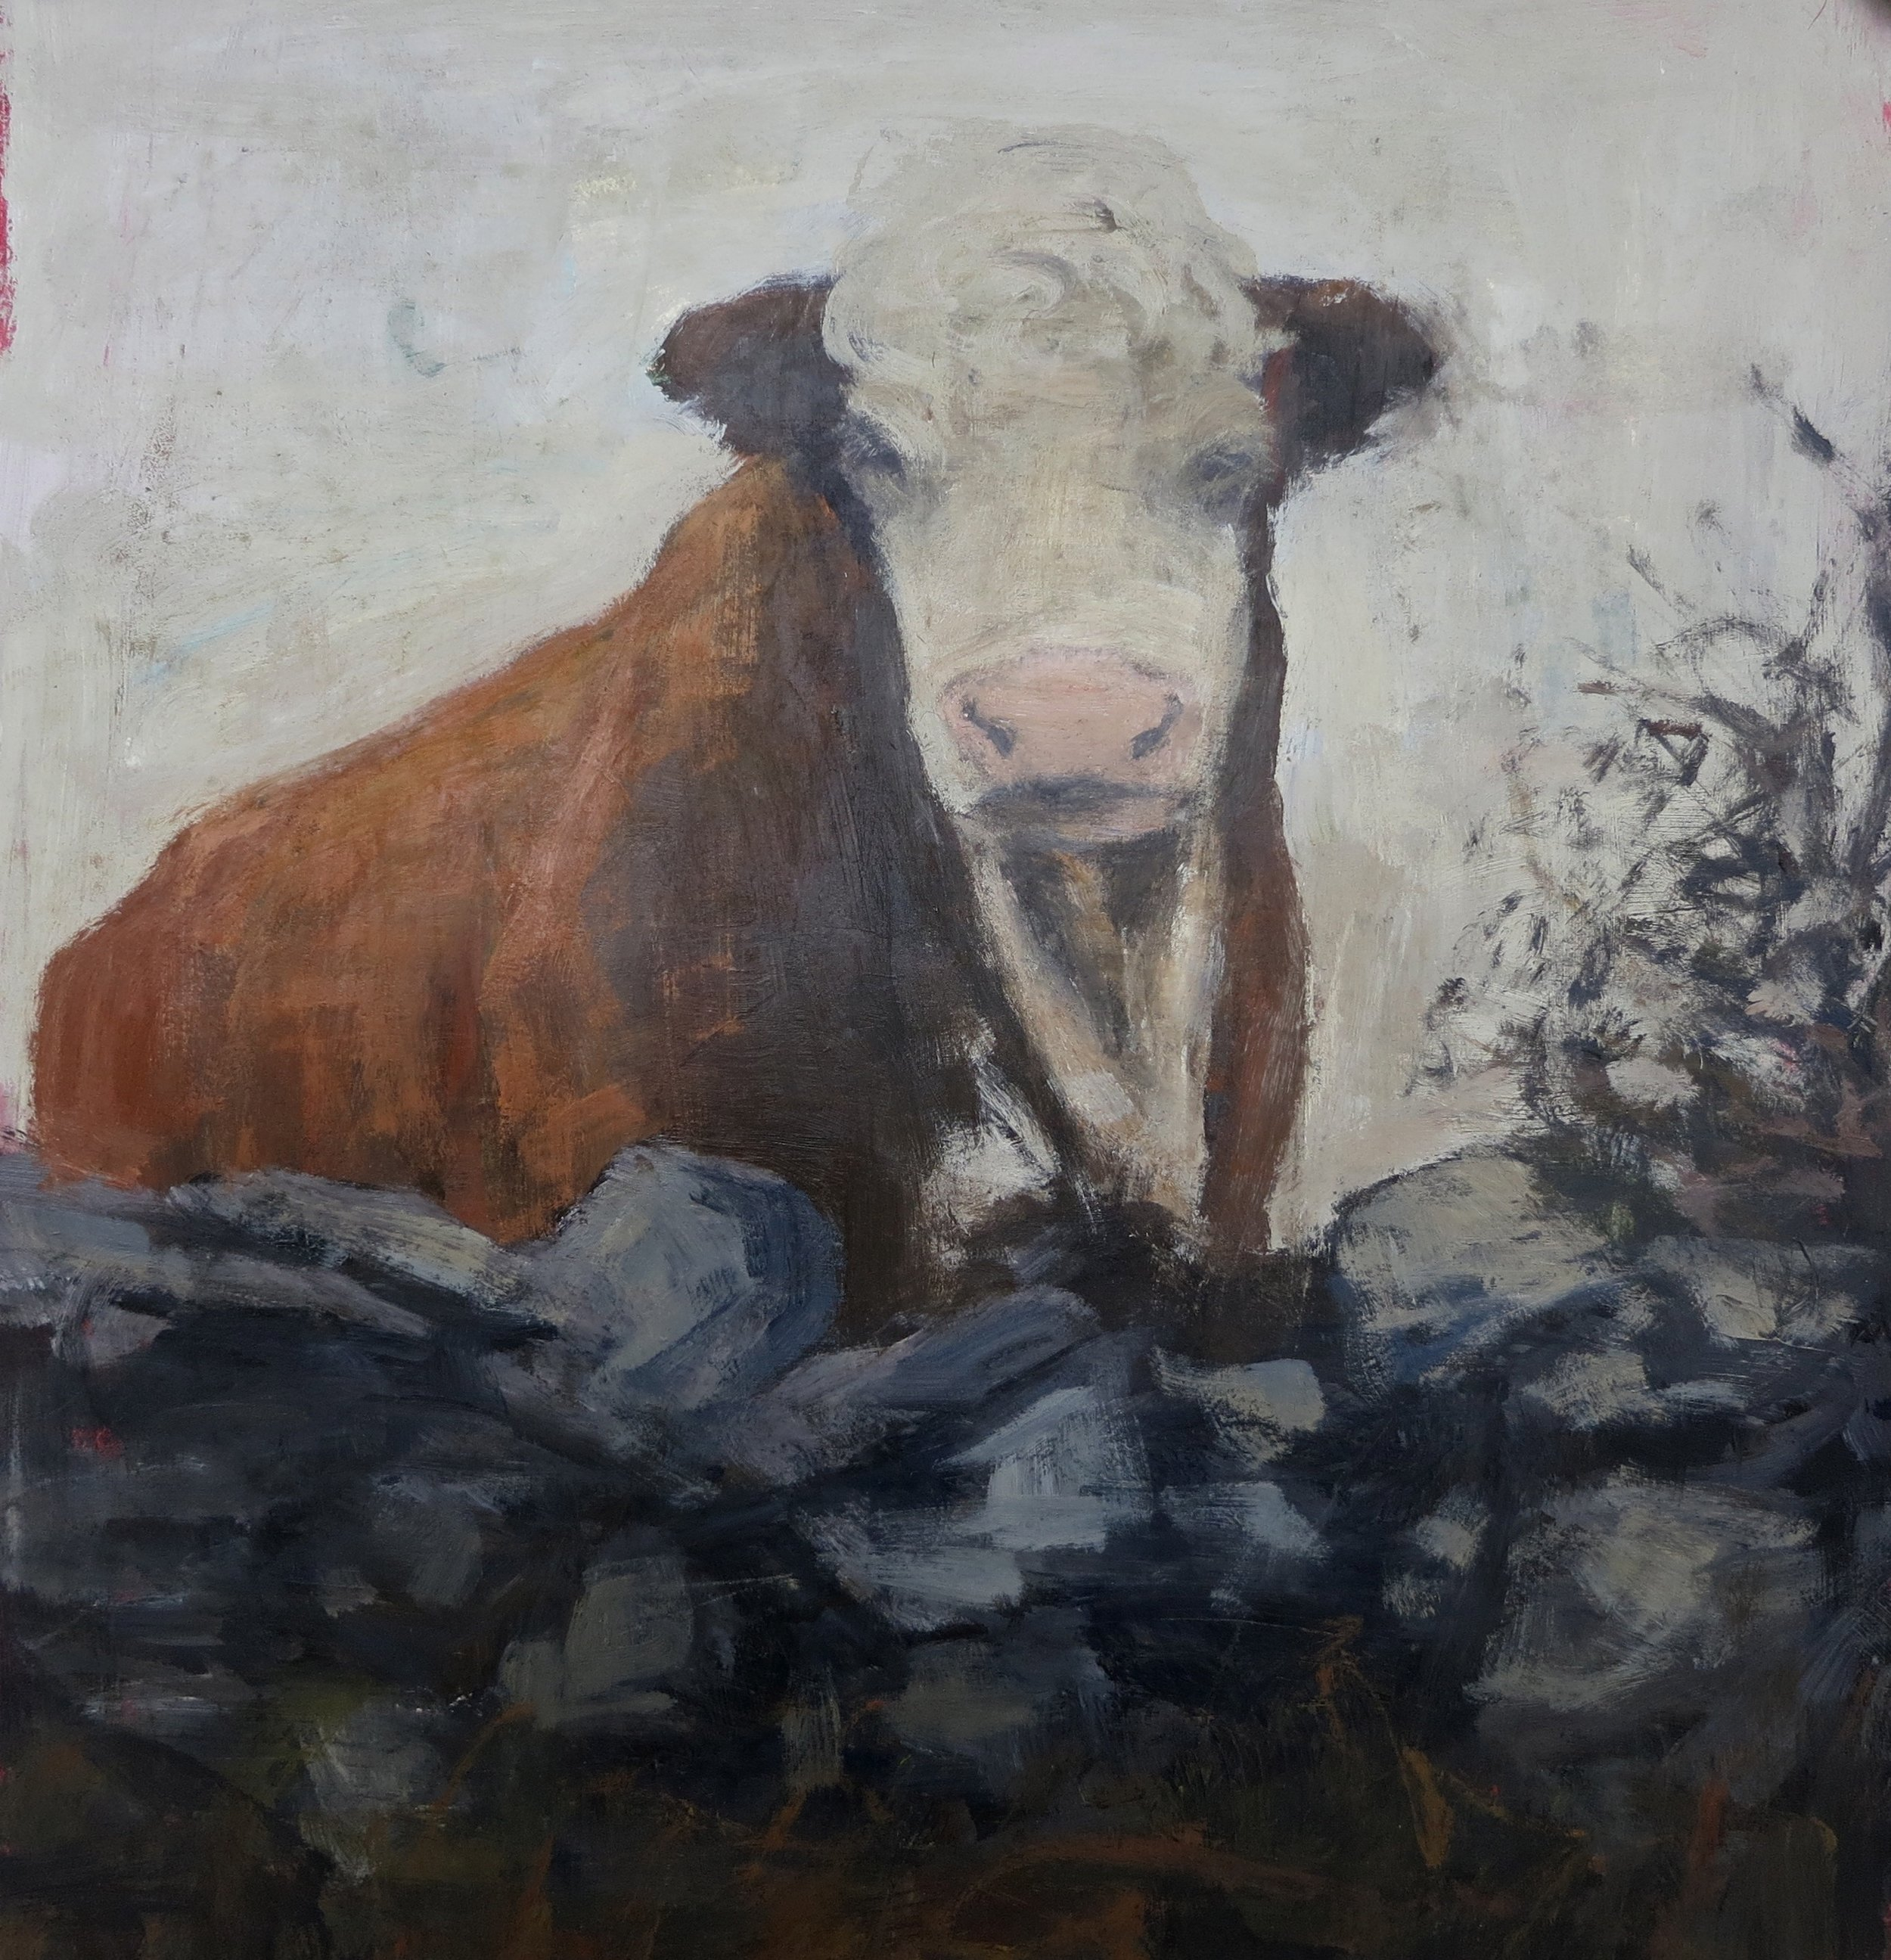 Burren Bull (sold)